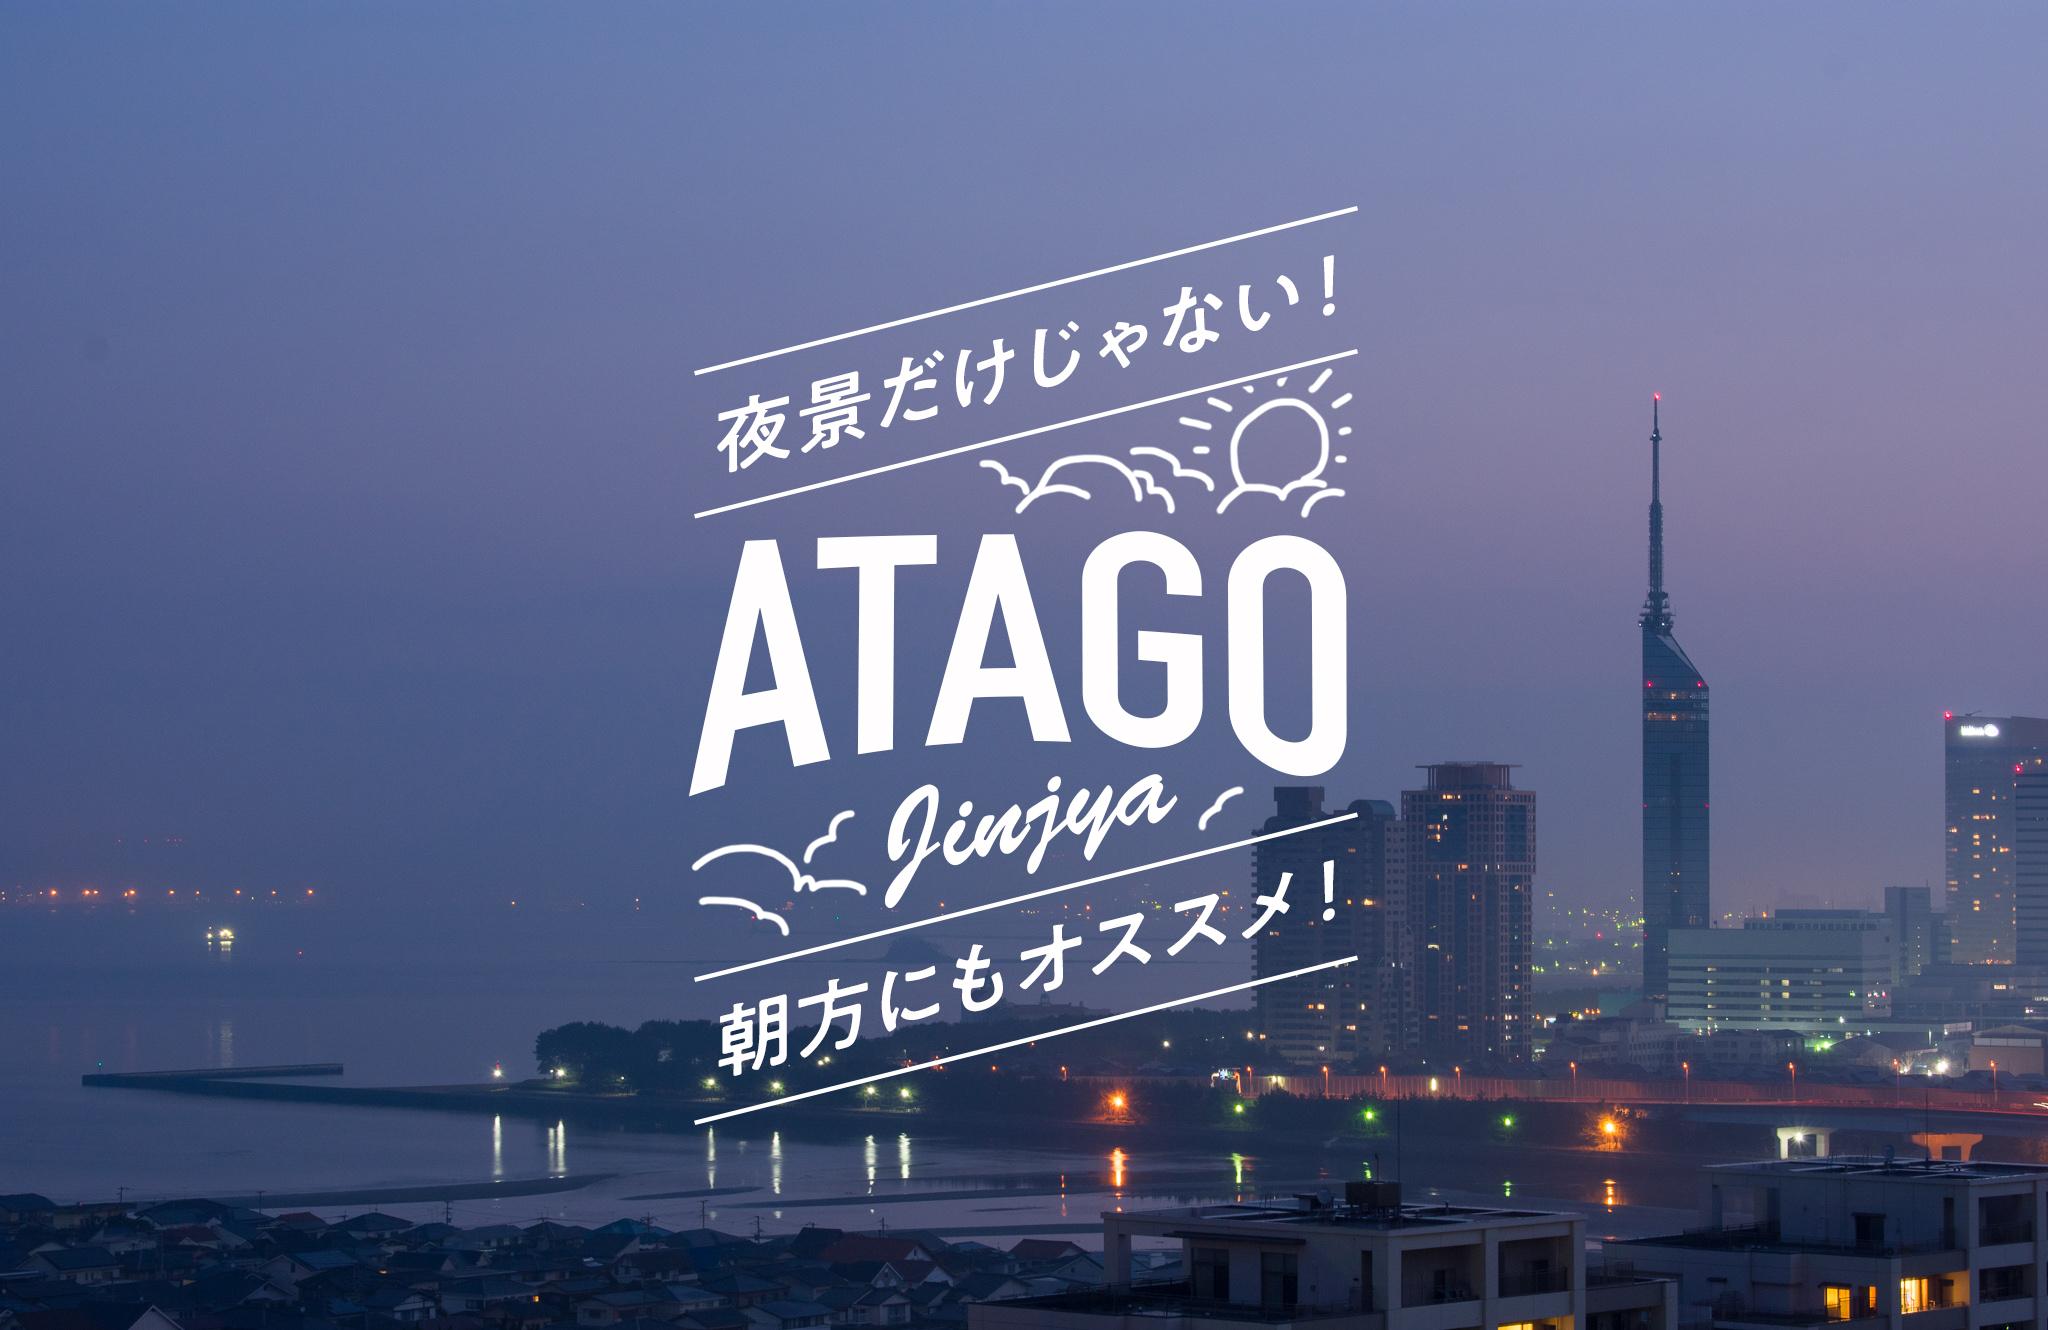 夜景だけじゃない!福岡の愛宕神社は夜明け前もオススメ!